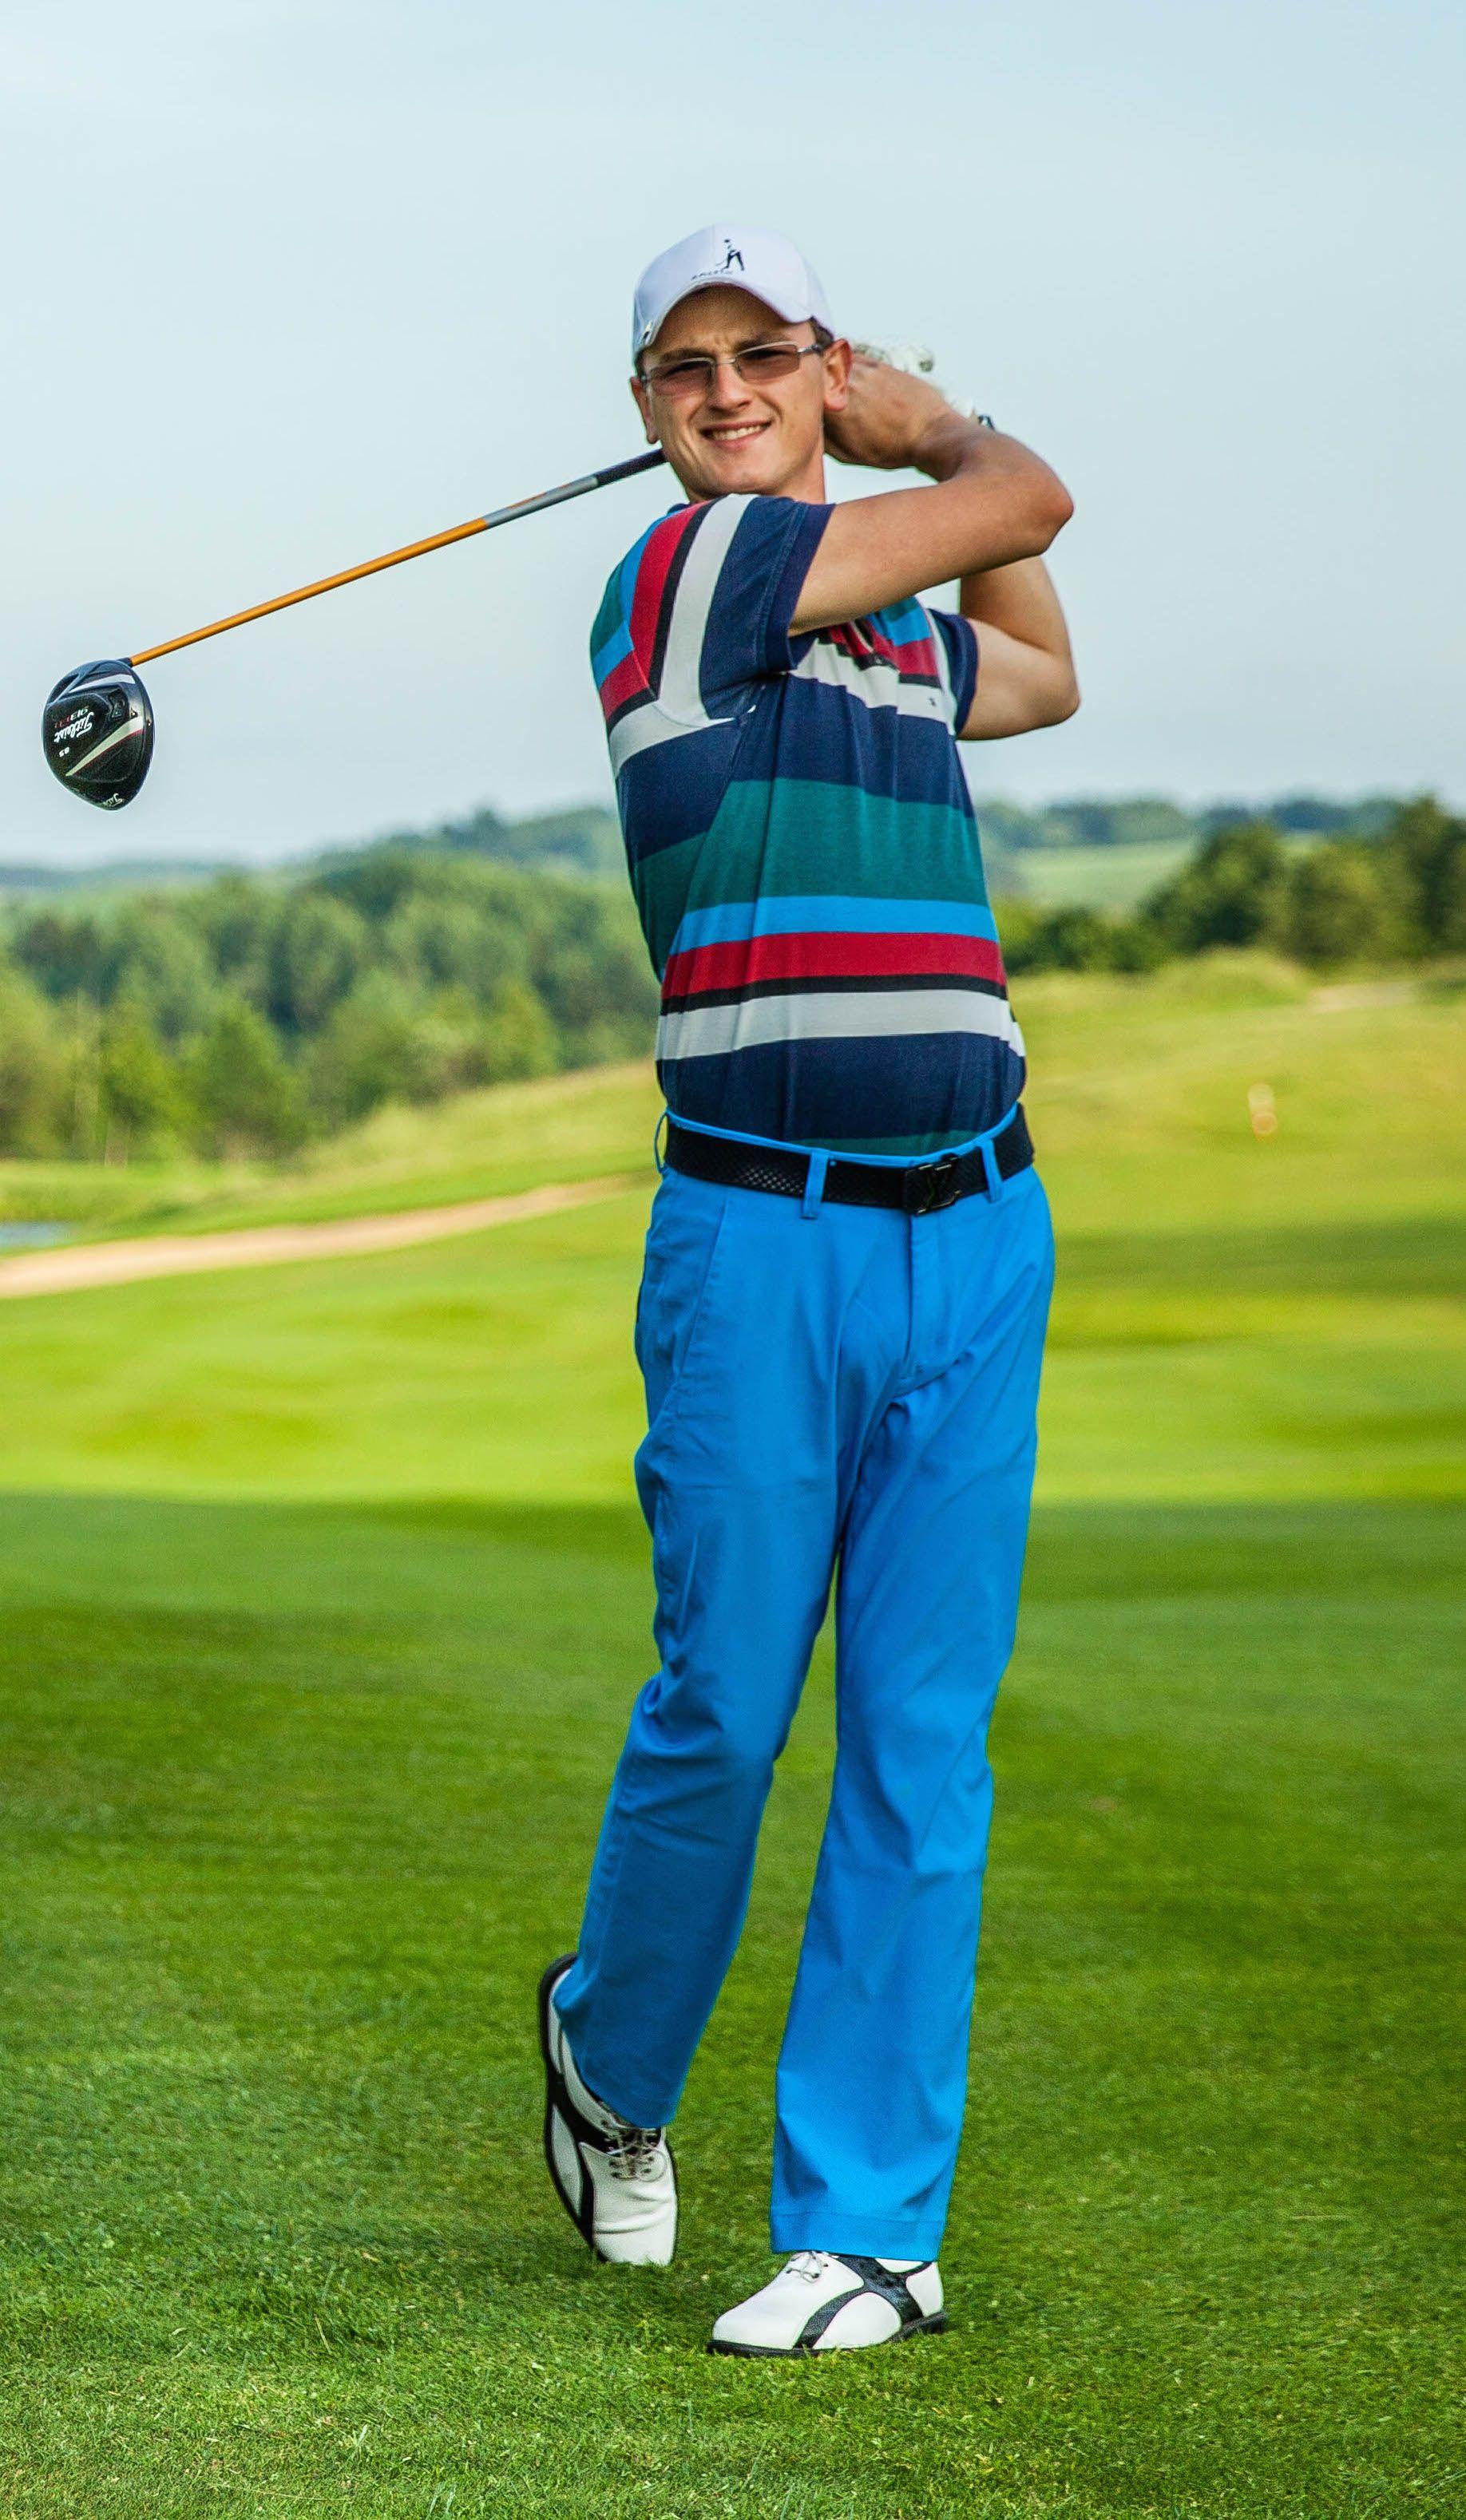 Pirmieji žingsniai žaidžiant golfą